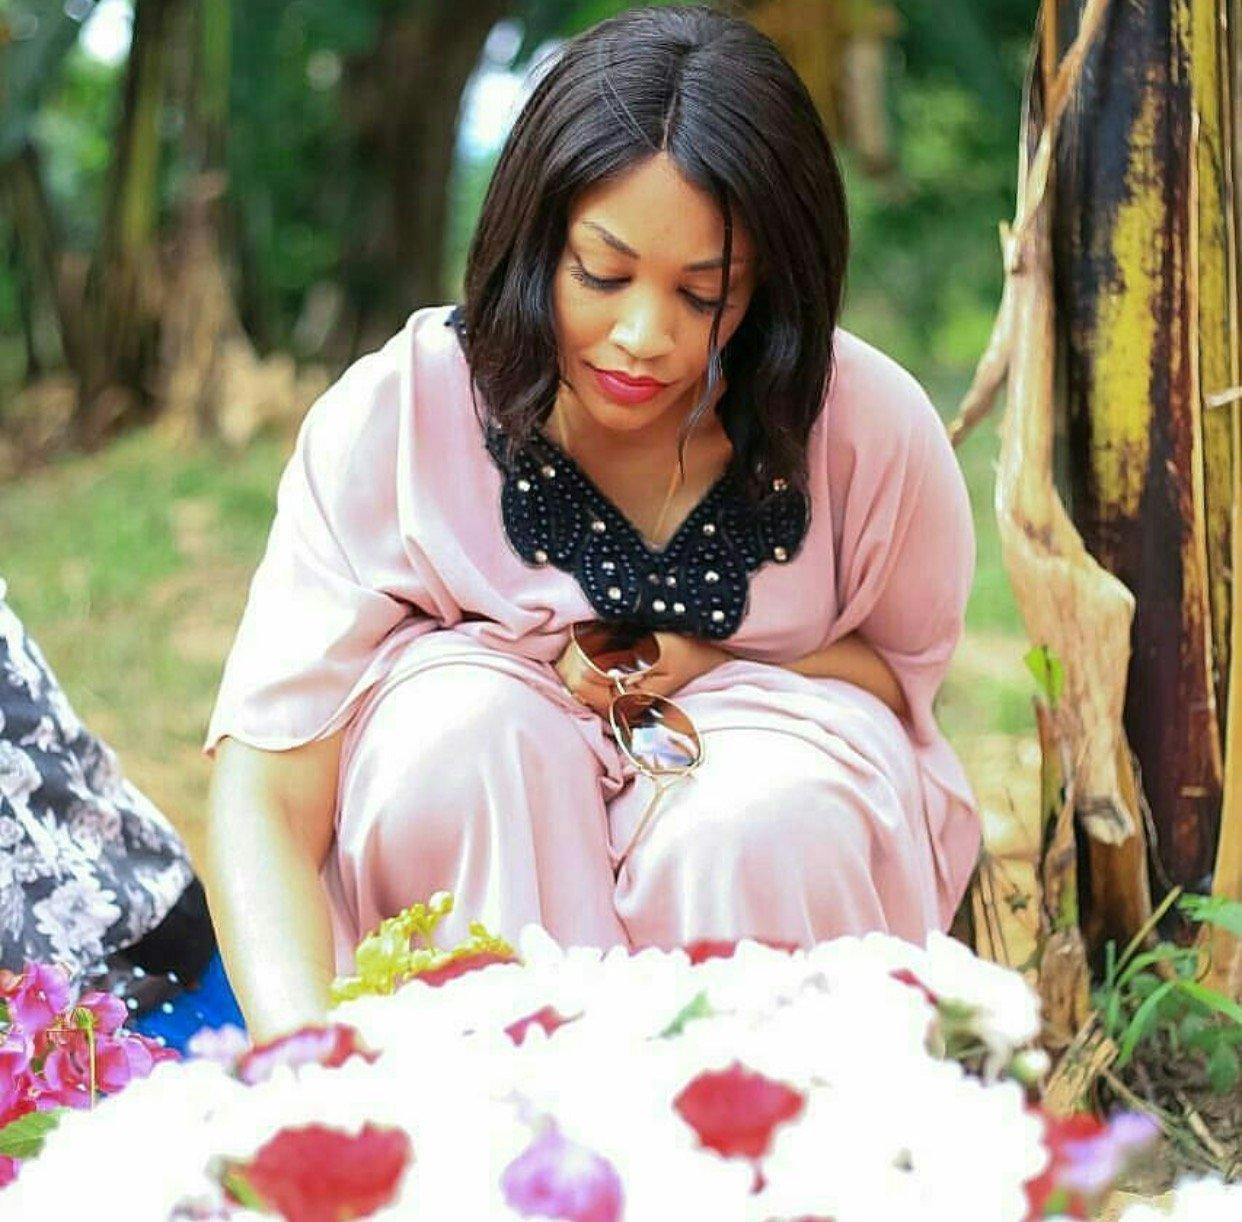 Zari's late mum given her final send off (photos)